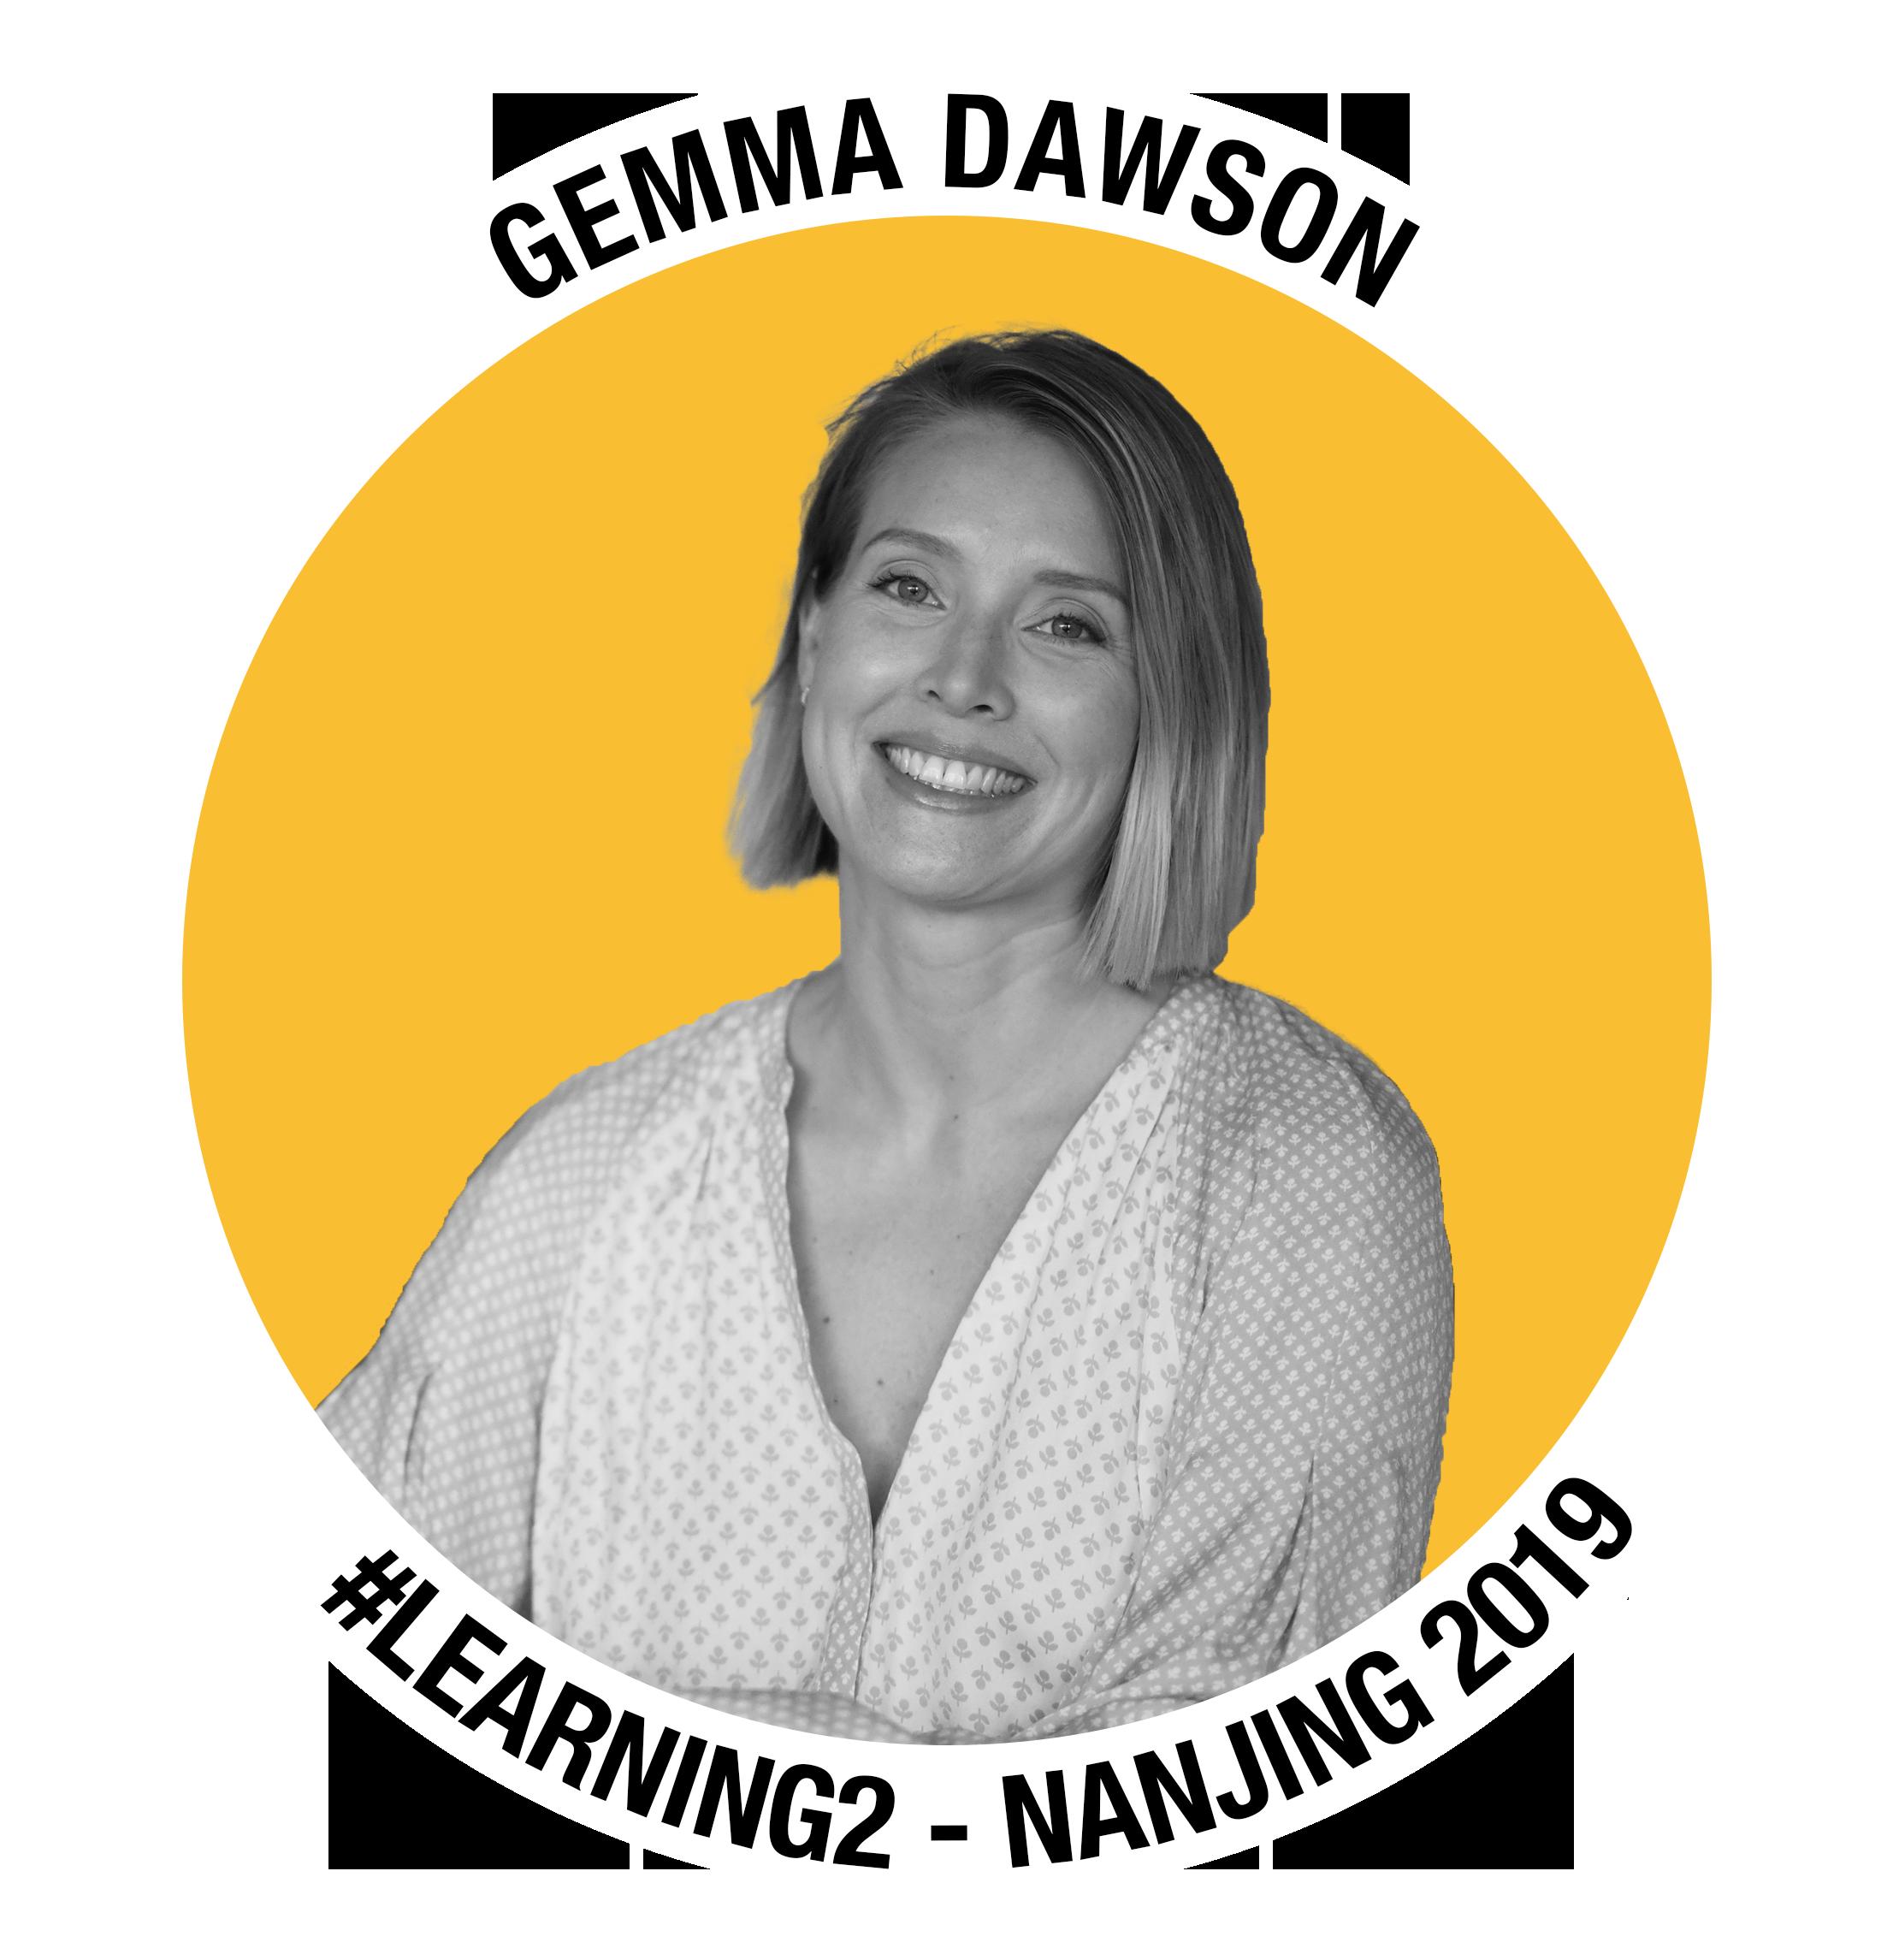 Gemma Dawson